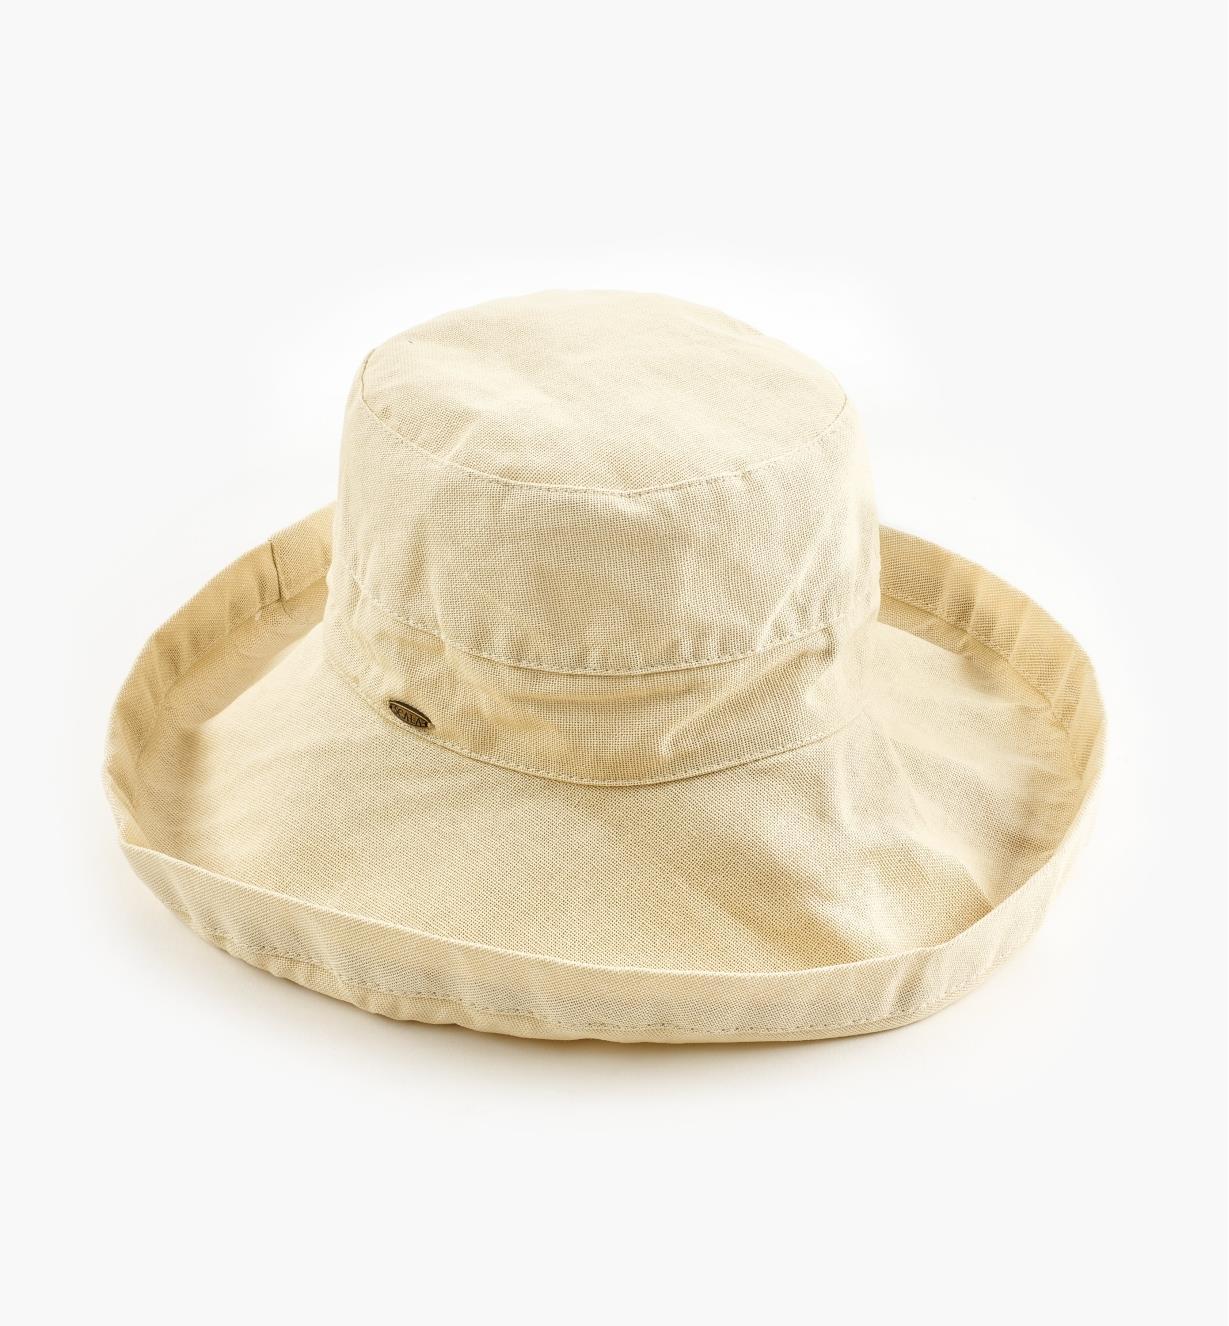 HL416 - Chapeau de soleil classique, beige